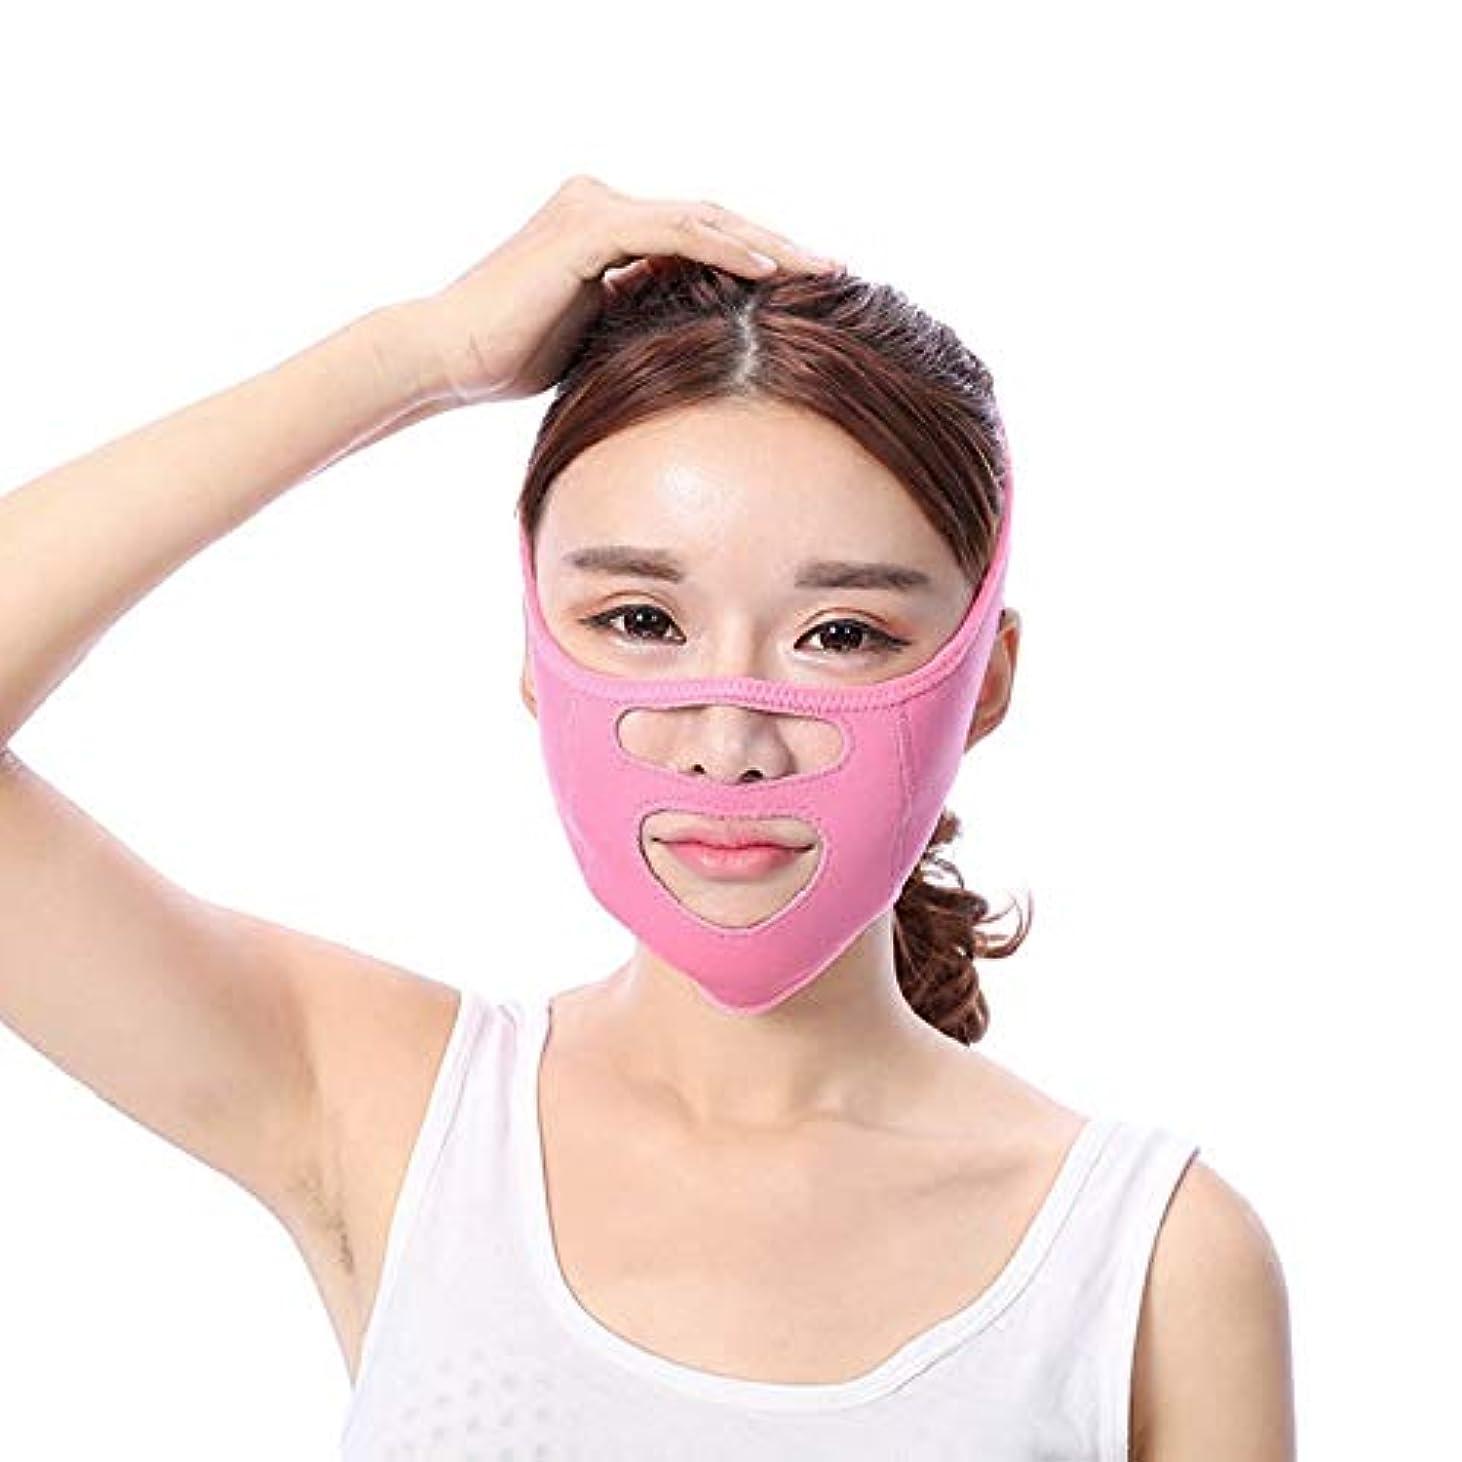 スリルアソシエイトなのでMinmin 顔の持ち上がる痩身ベルト - あなたの顔のための素晴らしいトレーニング二重あごのワークアウトフェイスマスクベルト薄い顔包帯整形マスクは顔と首を締めますフェイススリム みんみんVラインフェイスマスク